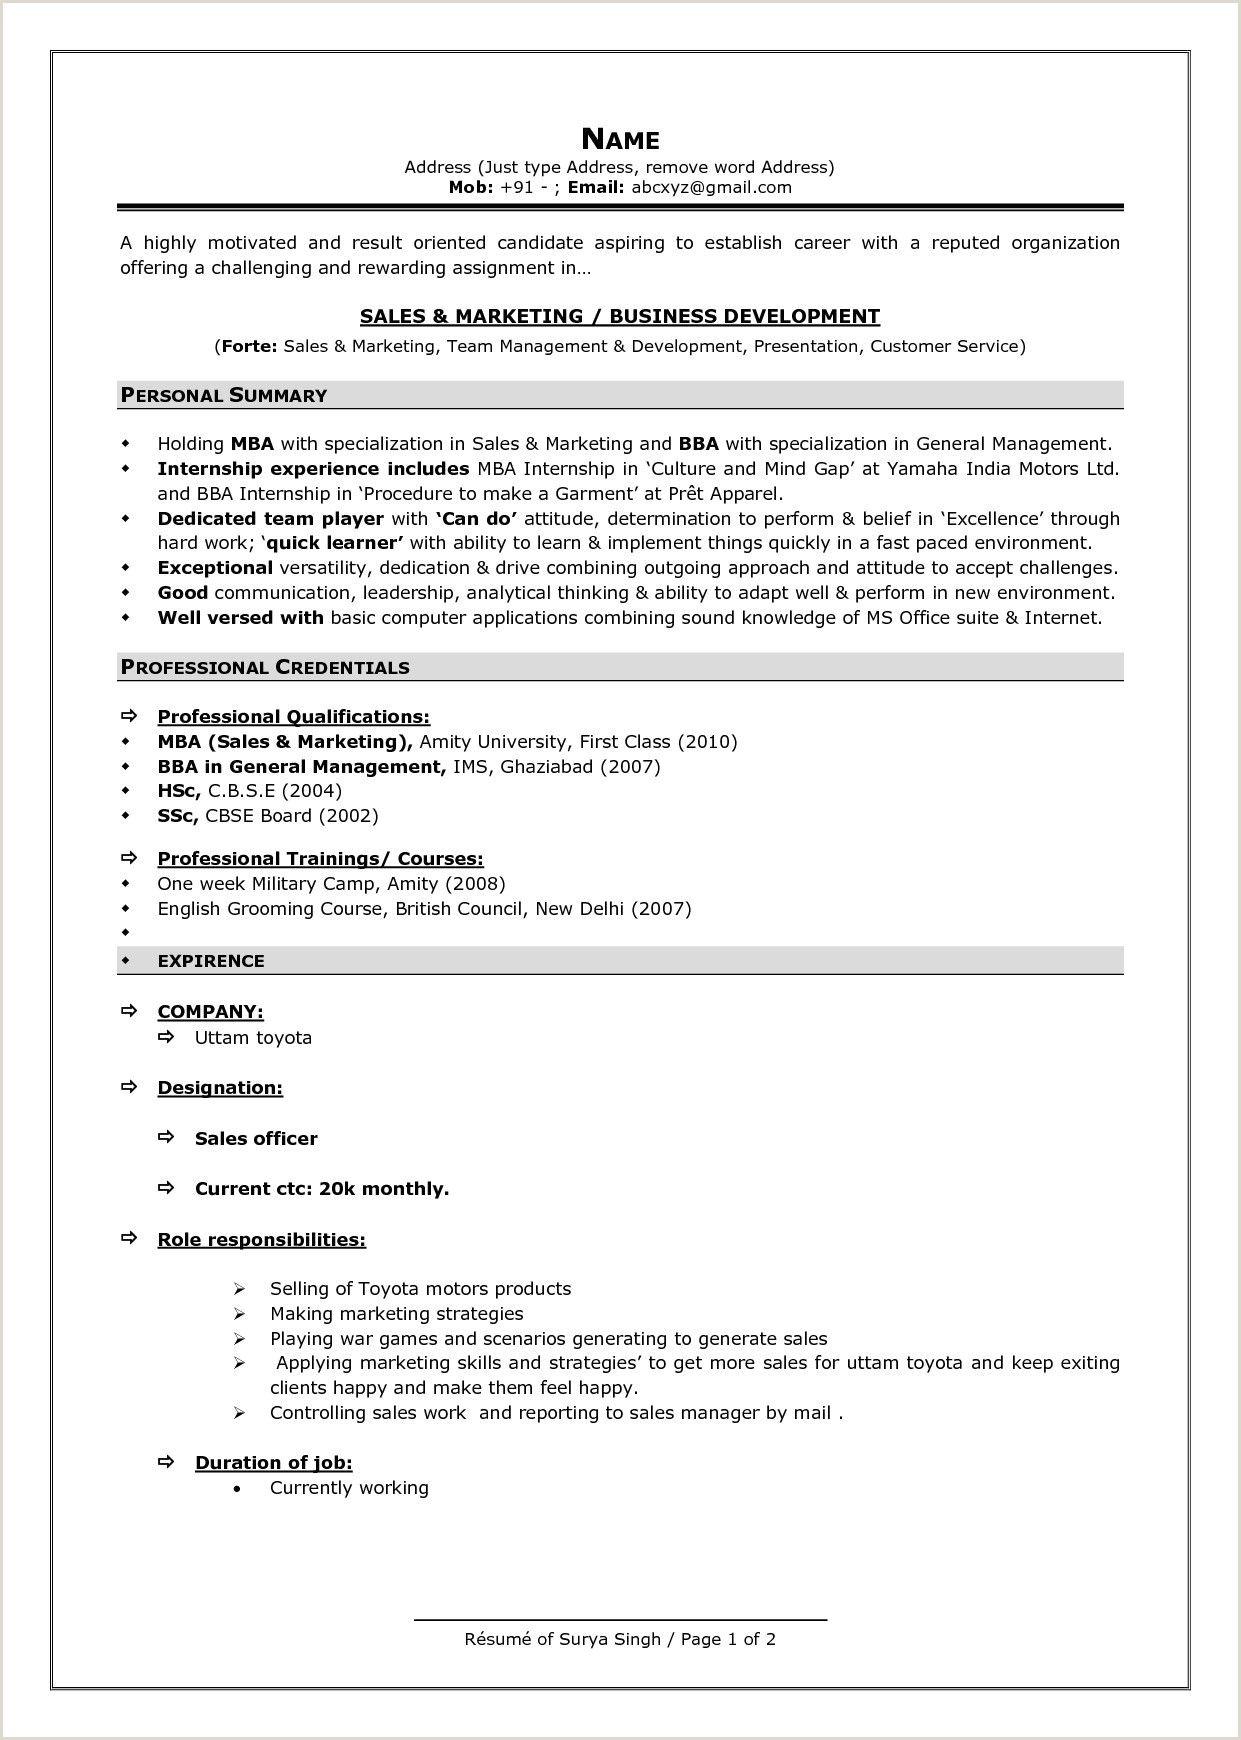 cv format for job in bangladesh doc  idalias salon